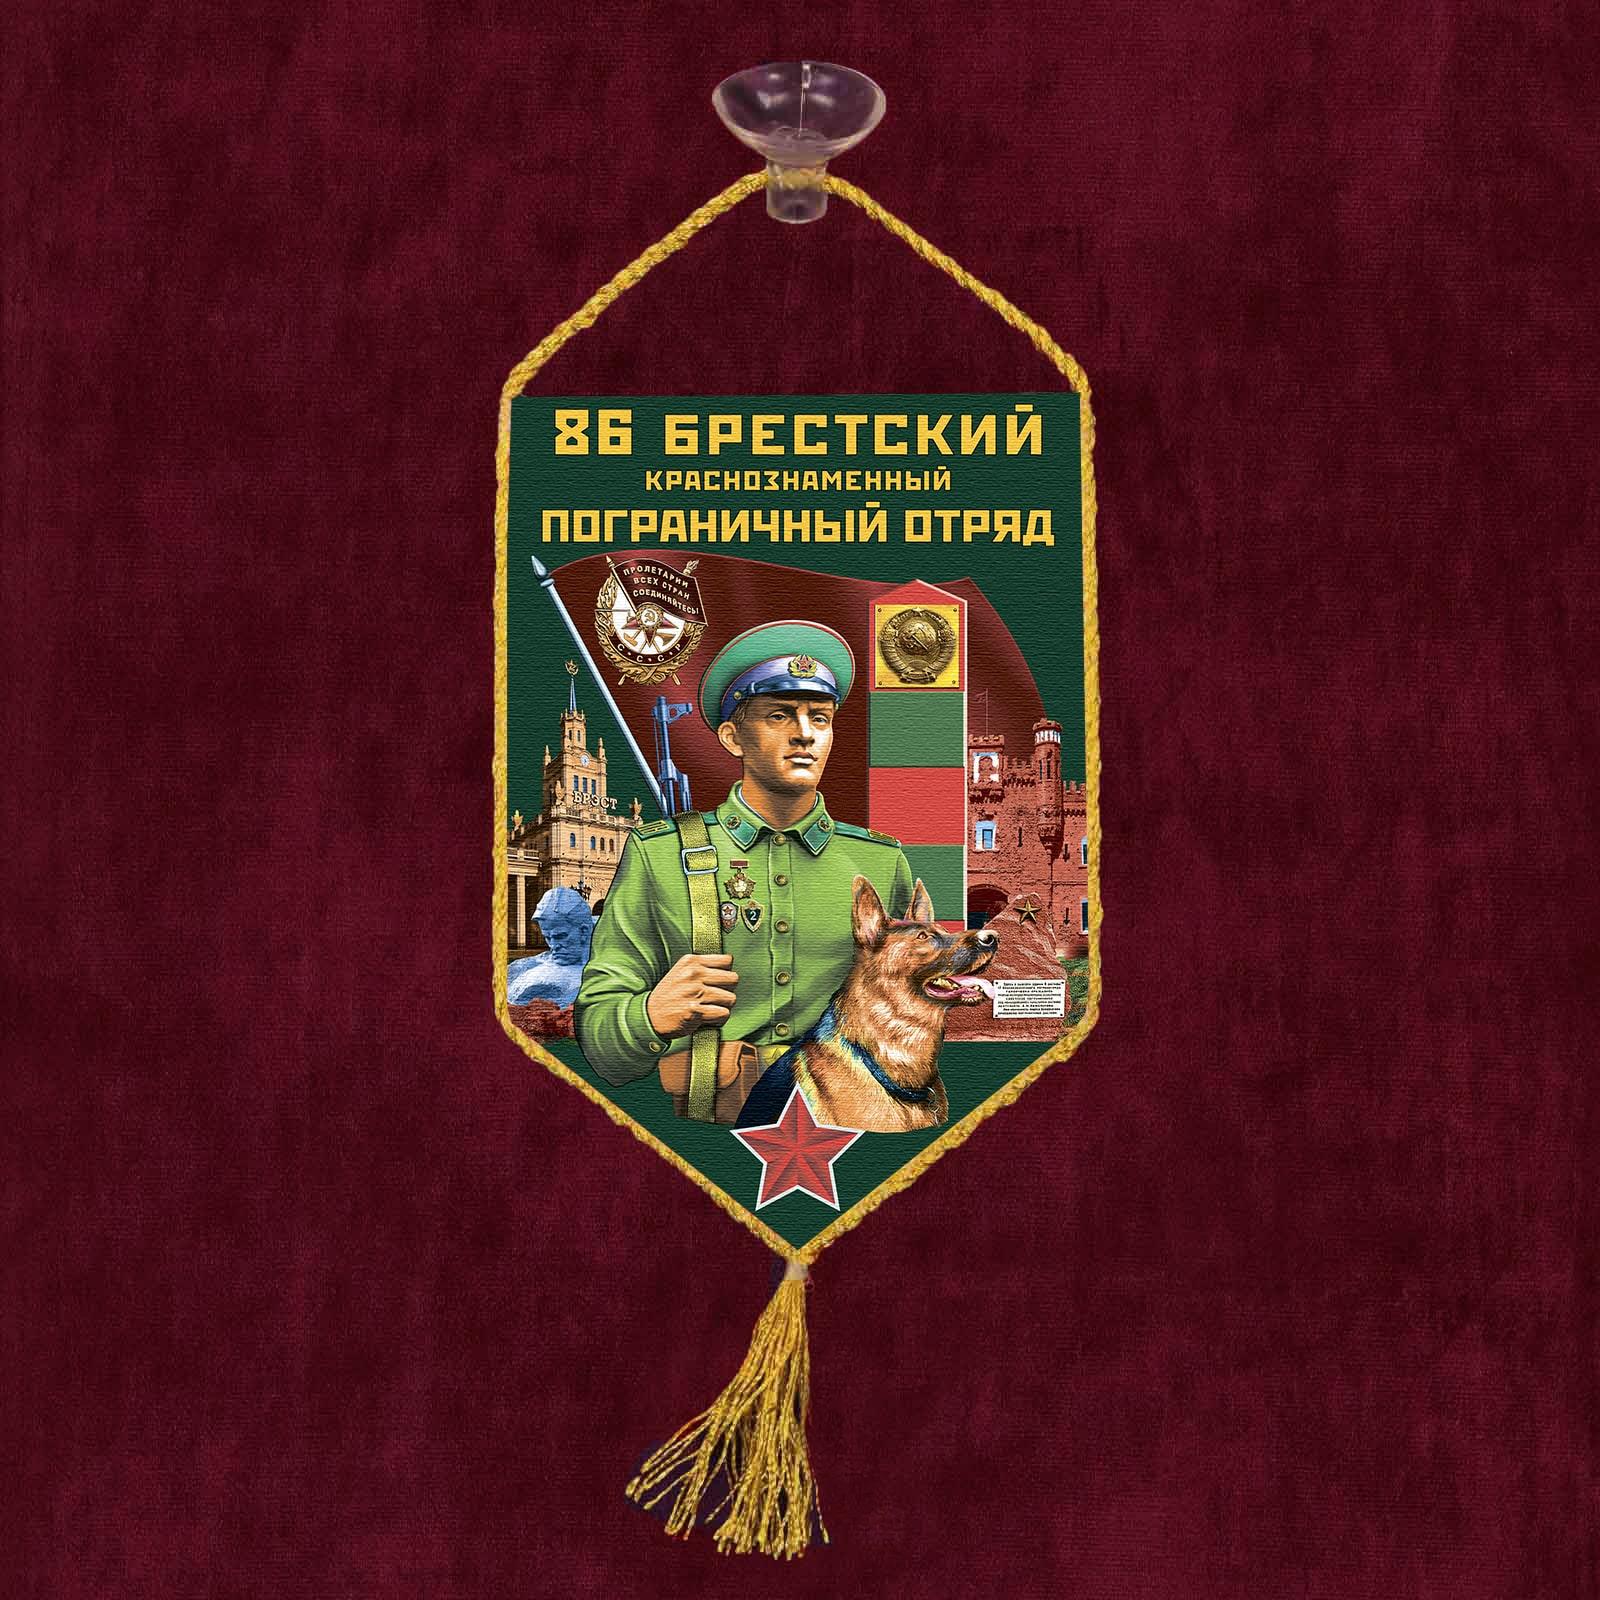 """Автомобильный вымпел """"86 Брестский пограничный отряд"""""""